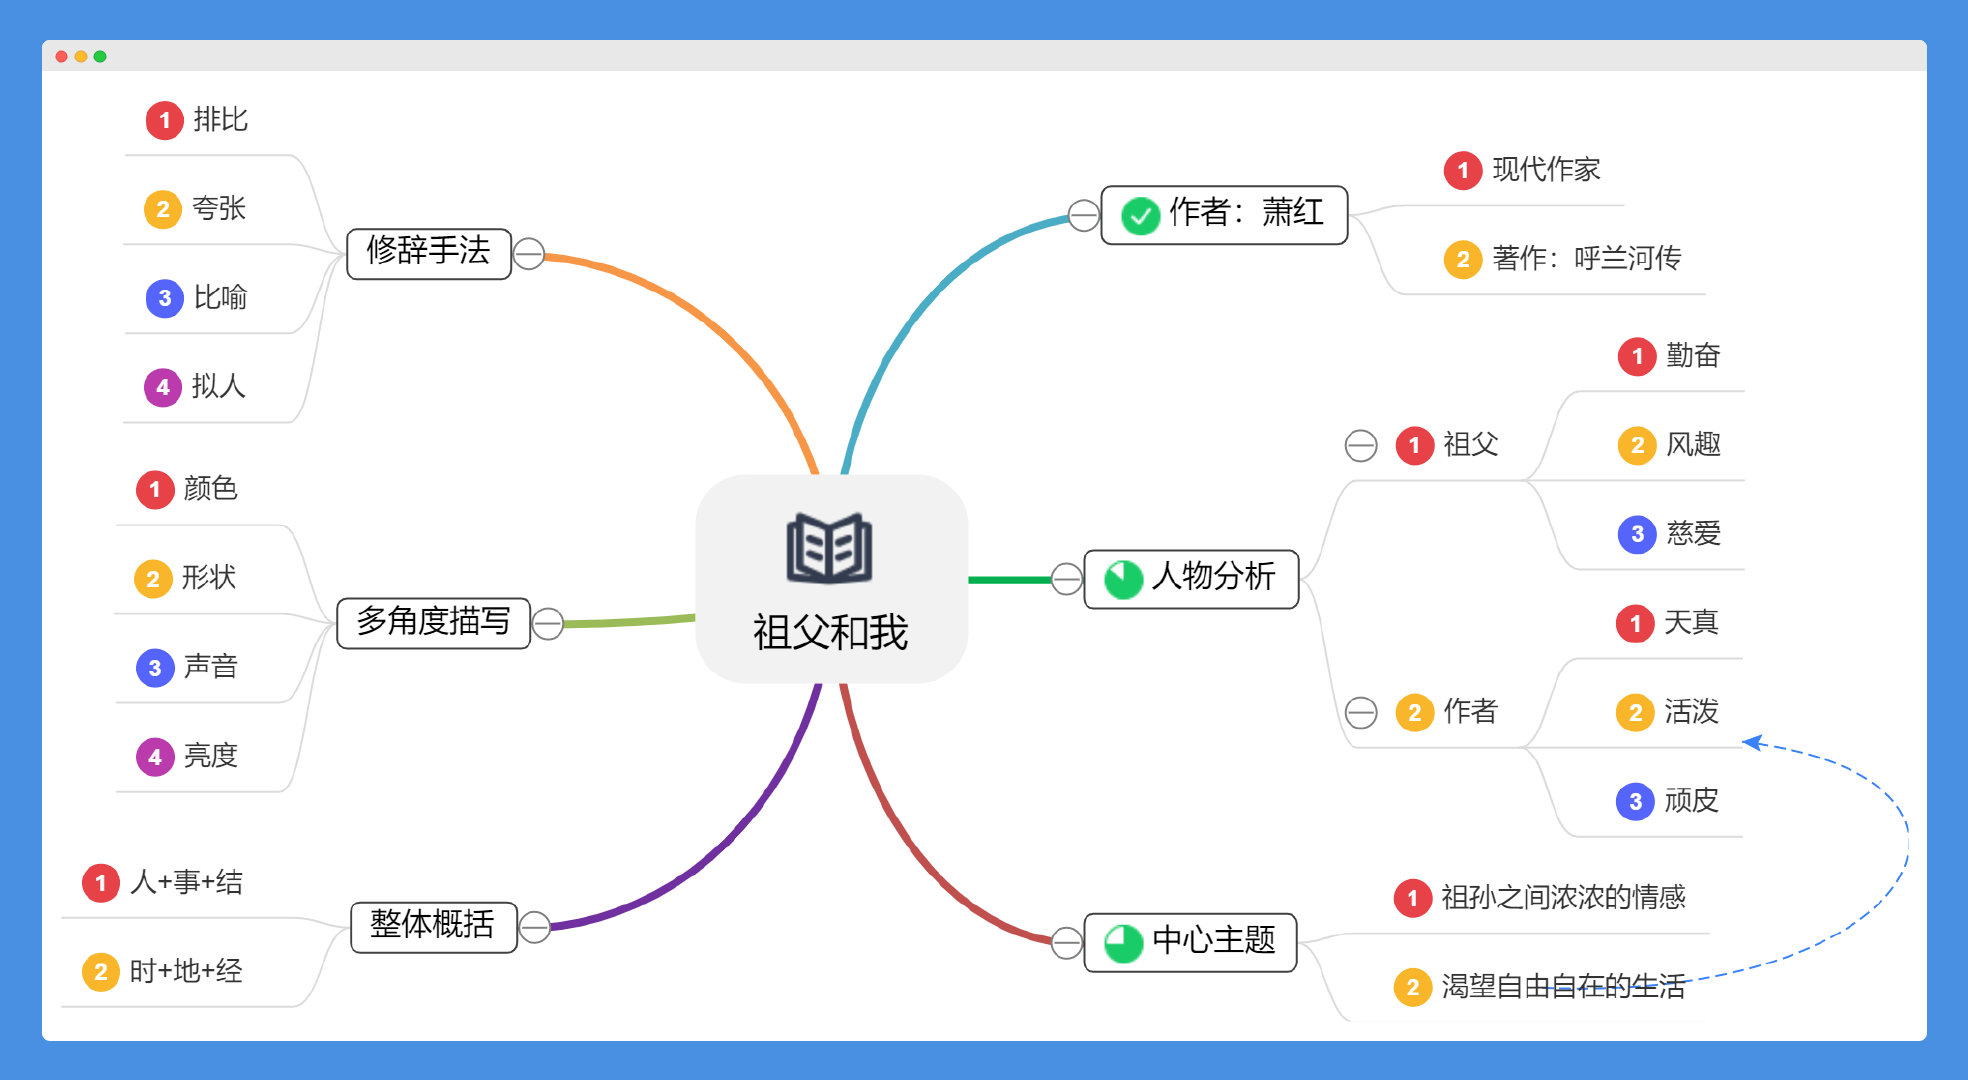 GitMind:简单实用、多功能免费思维导图软件